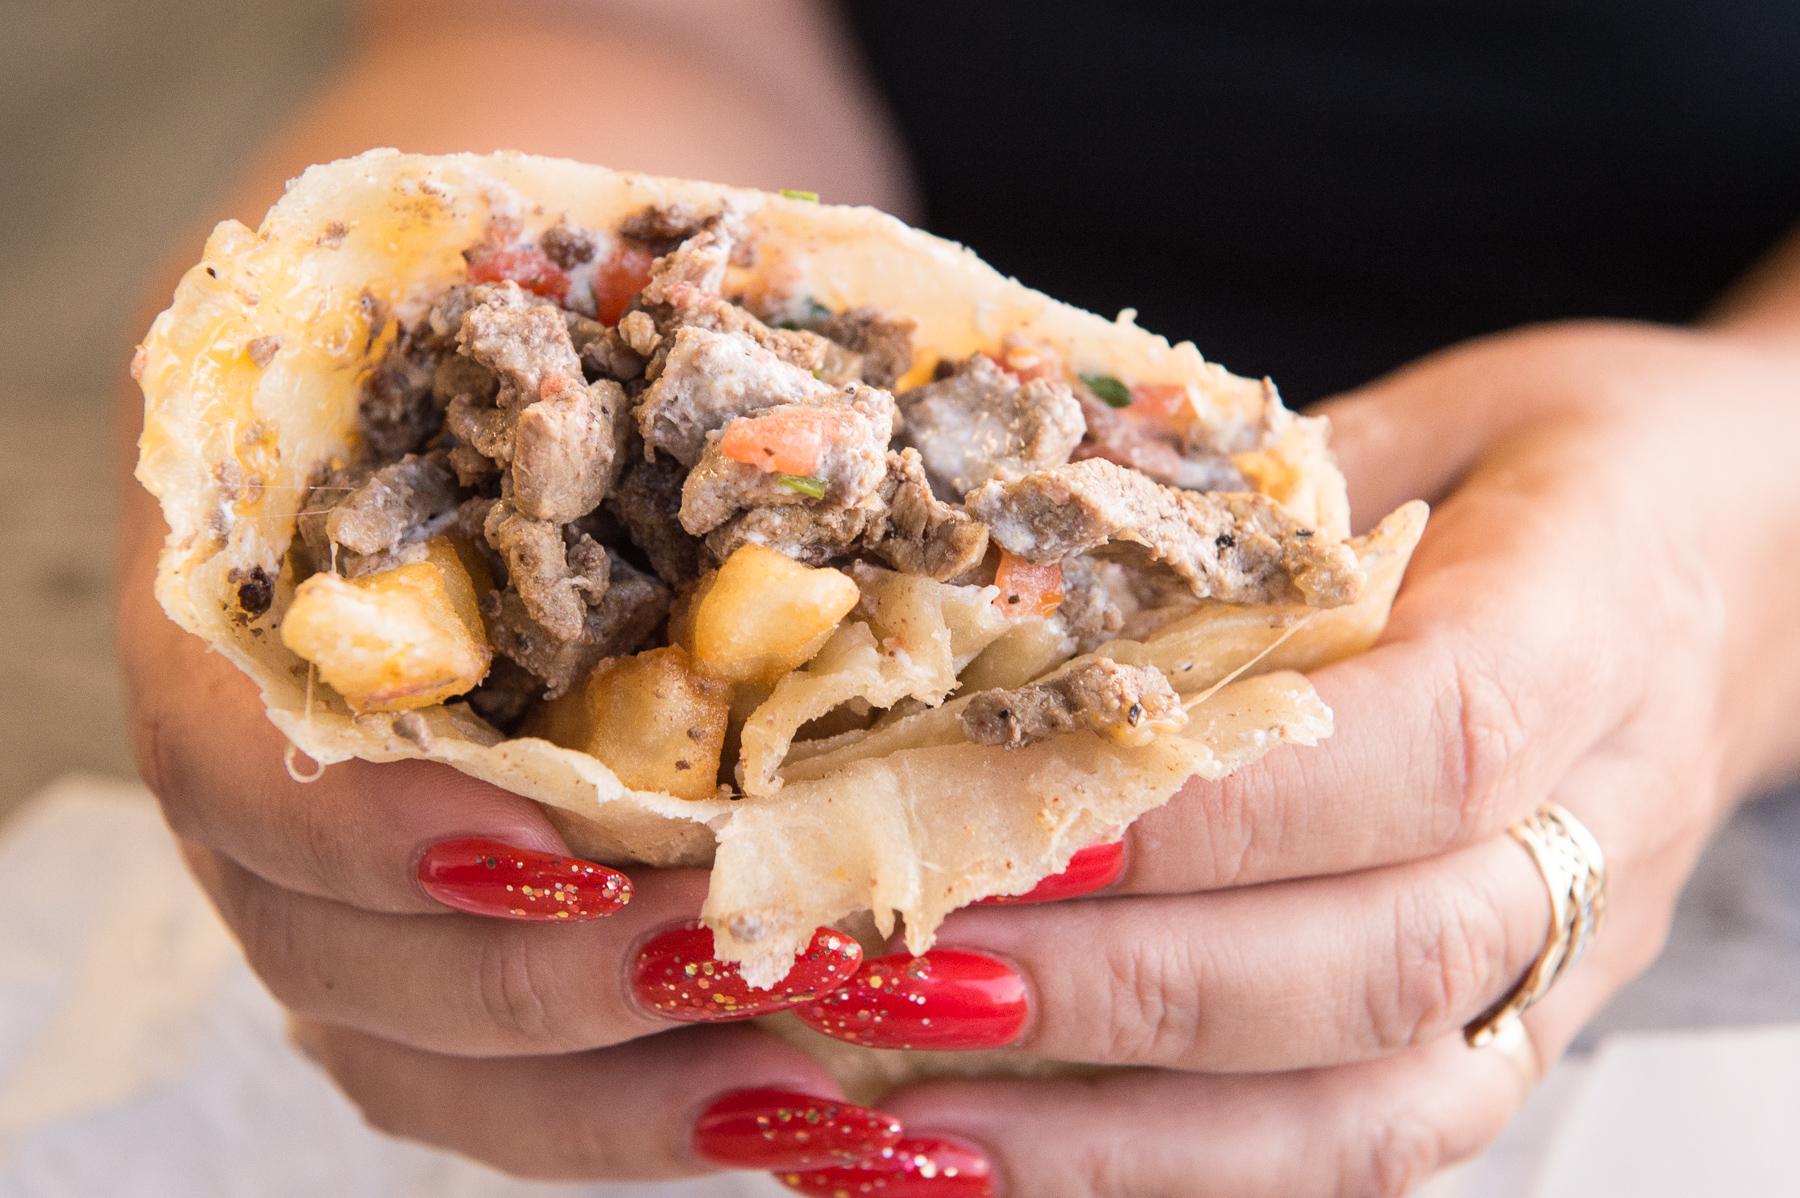 California burrito at Don Carlos in La Jolla